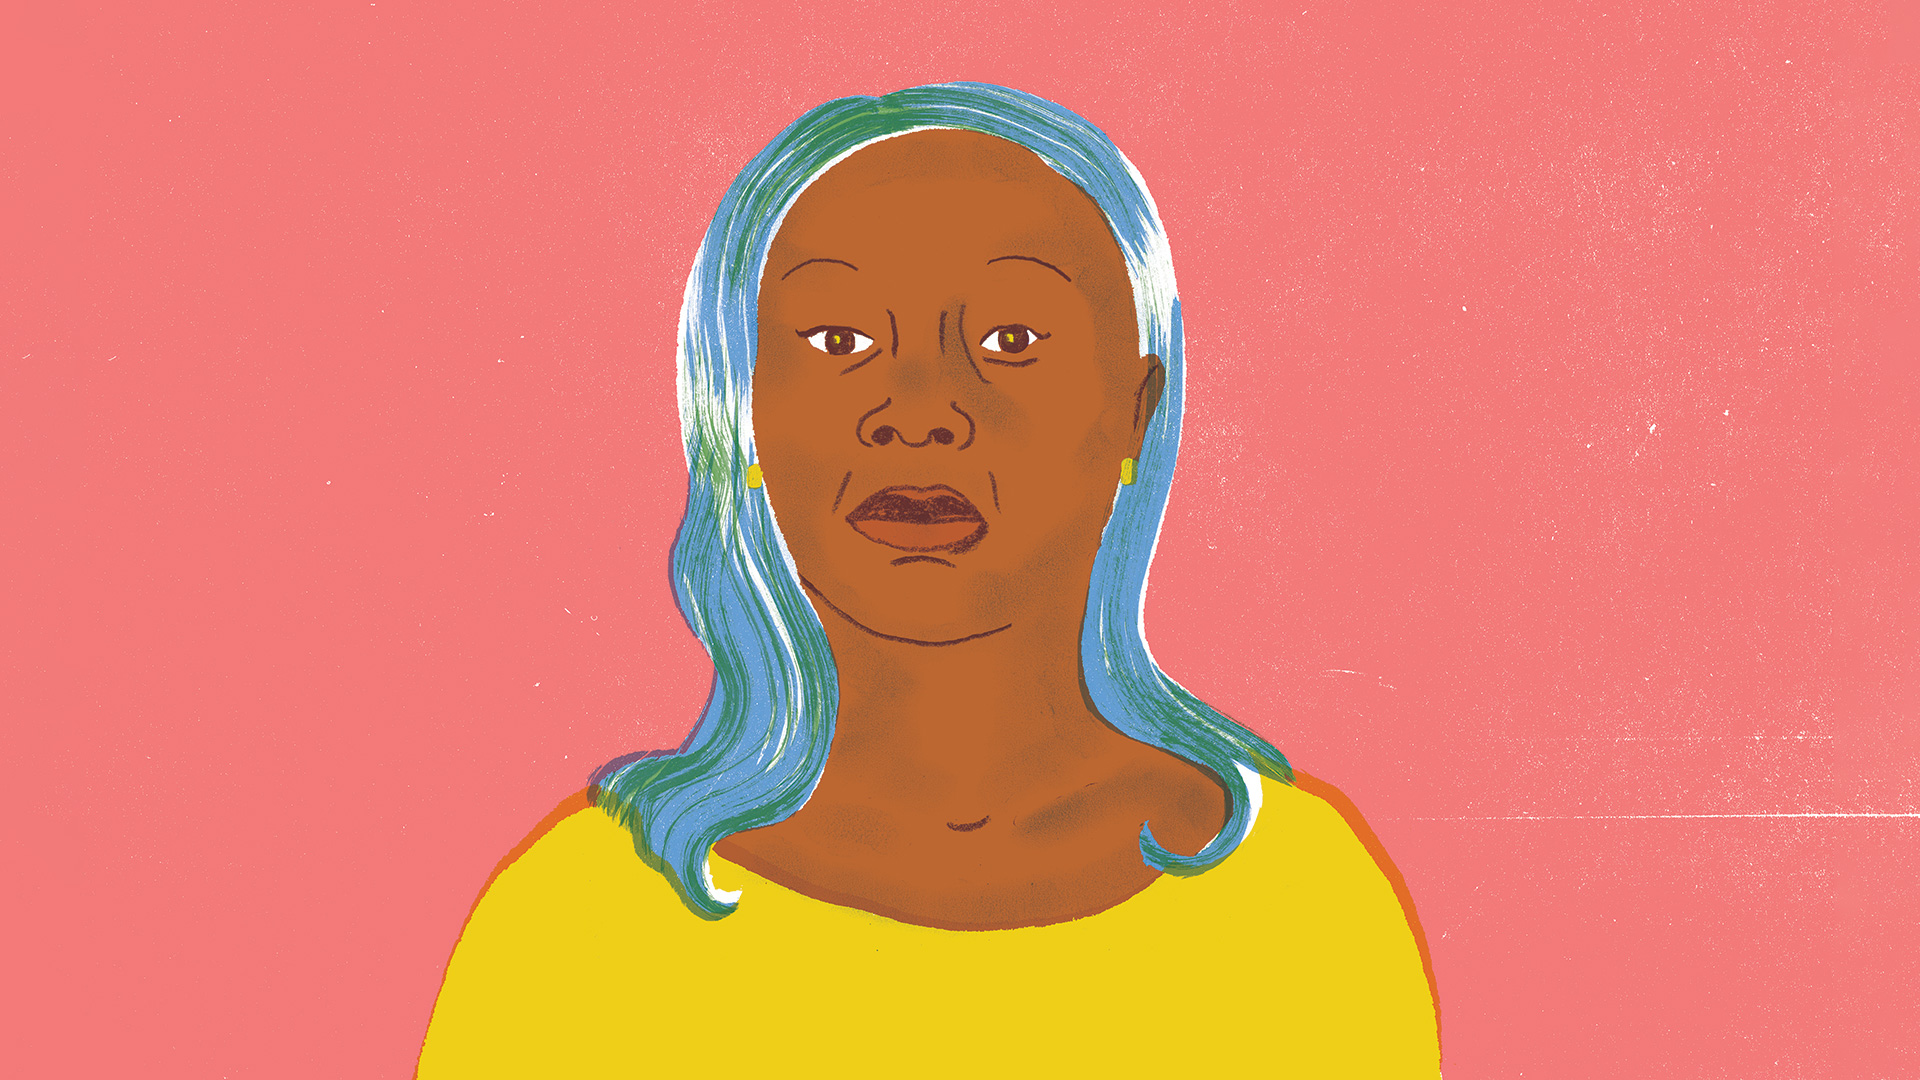 Campagne de sensibilisation aux menaces auxquelles sont confrontées les femmes journalistes